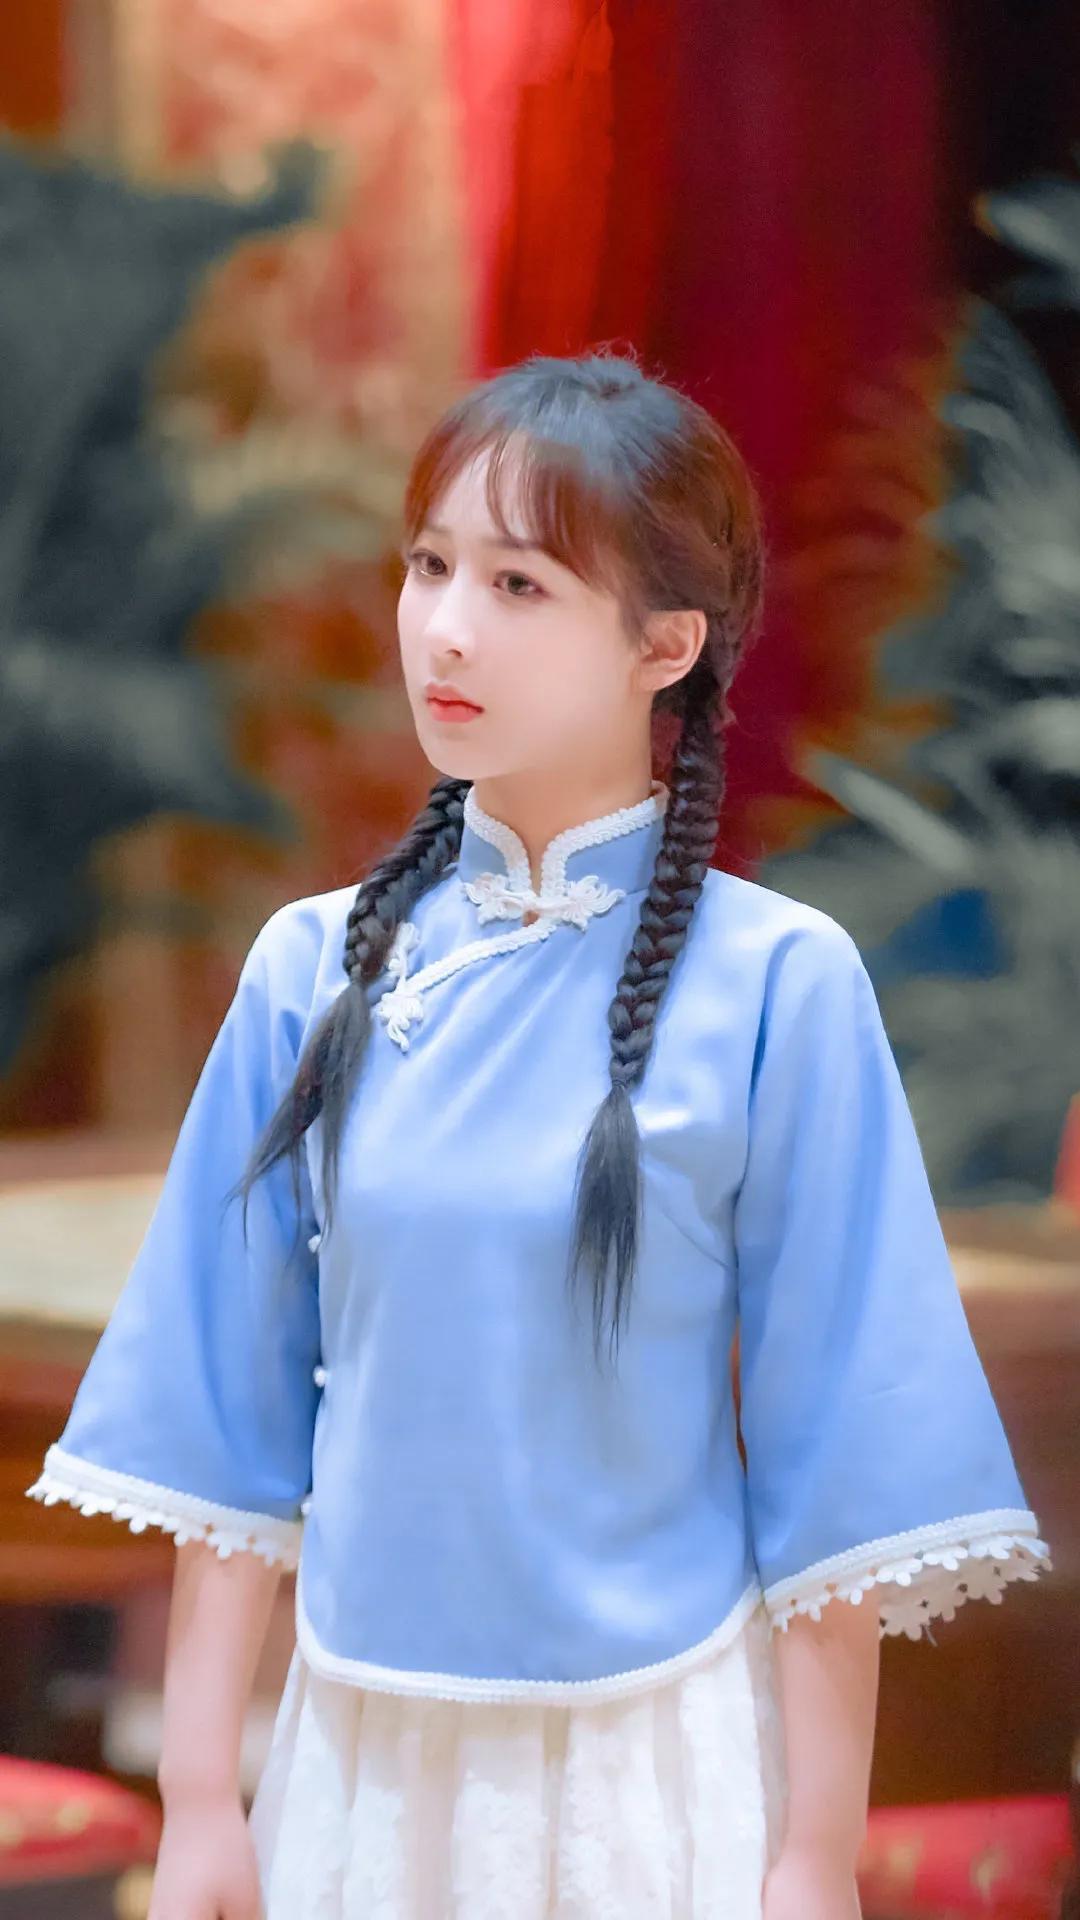 杨紫民国风学生造型太美了